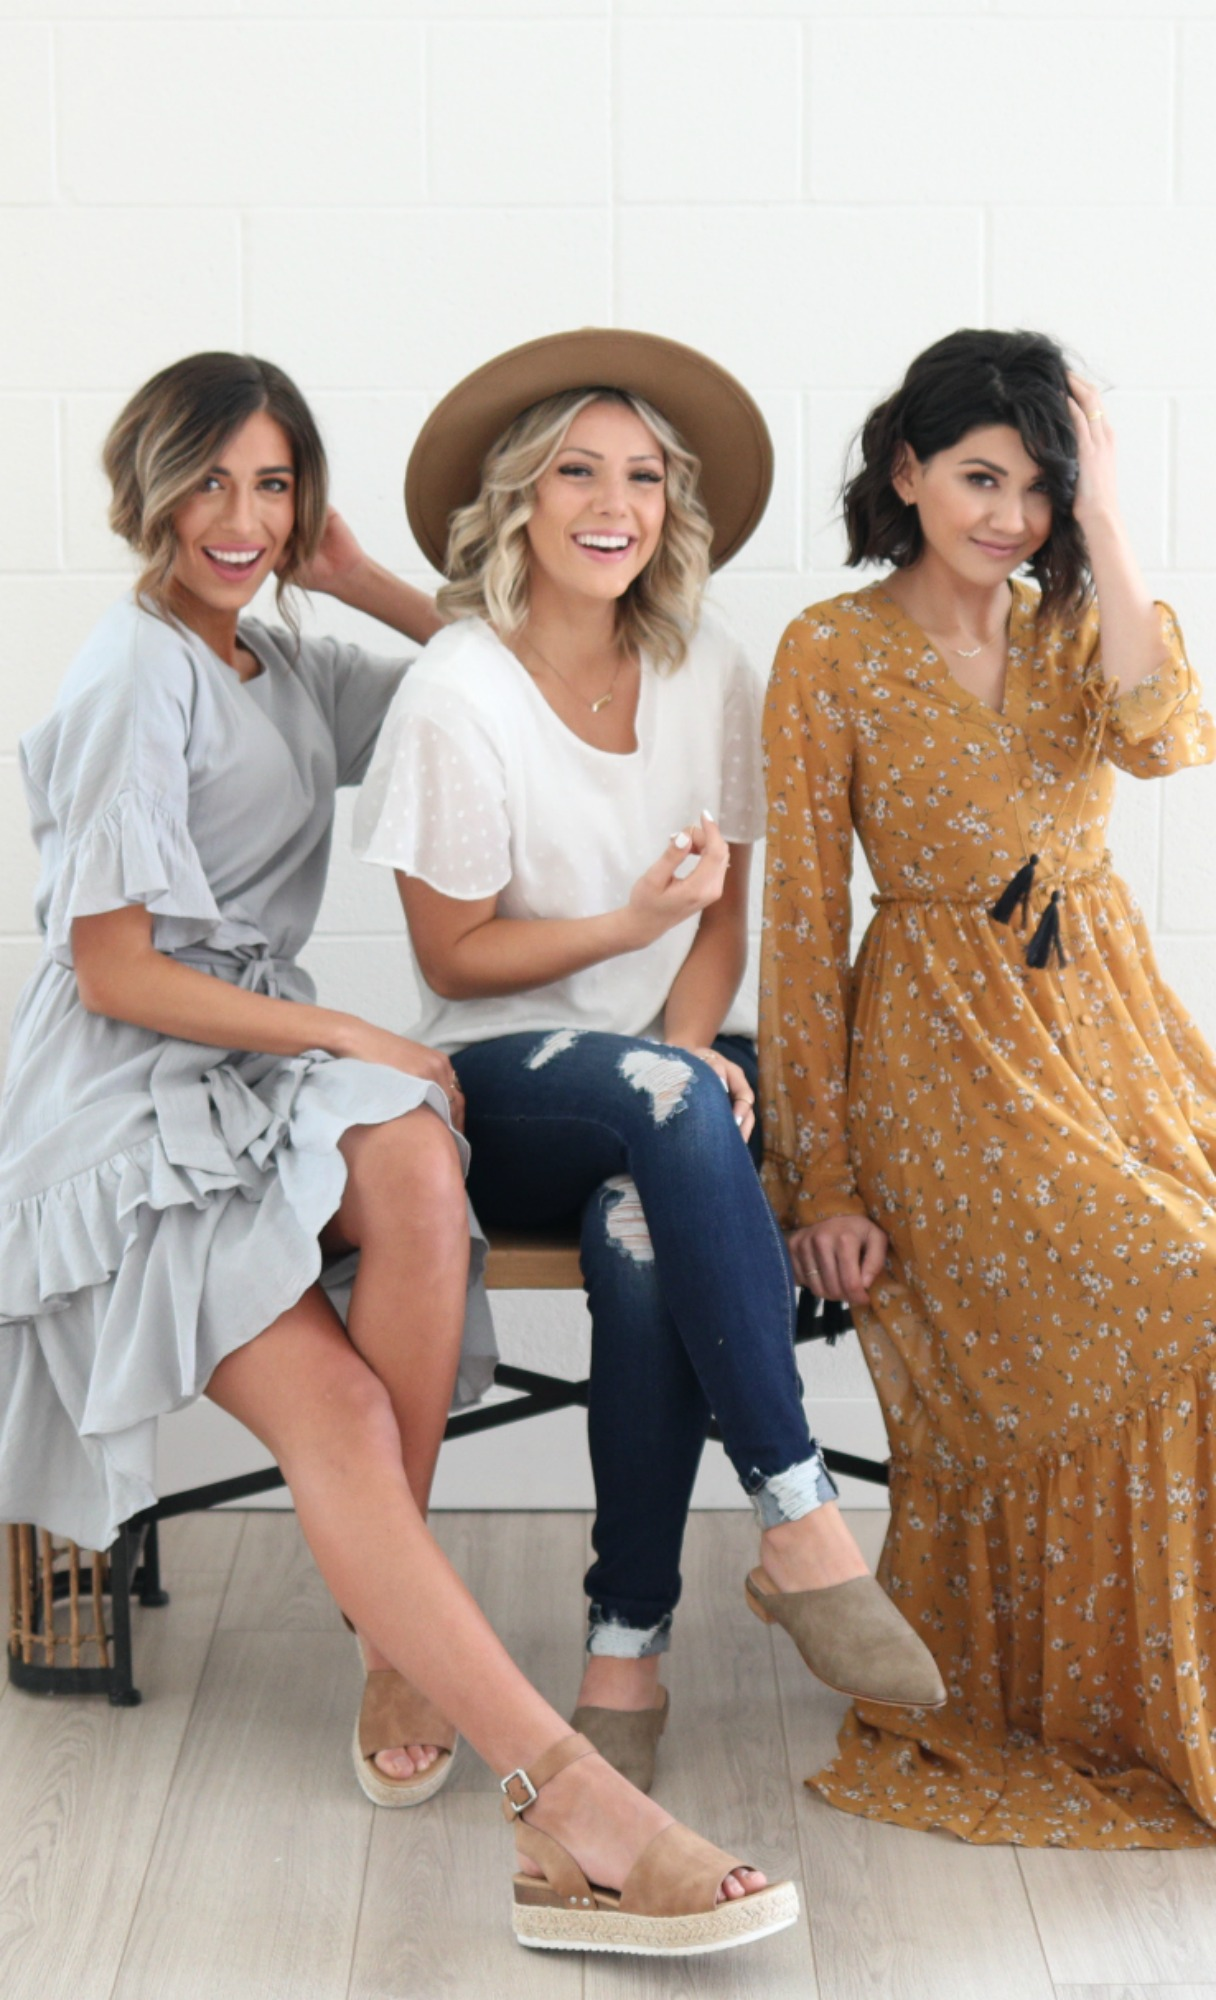 Fall Fashions 2020